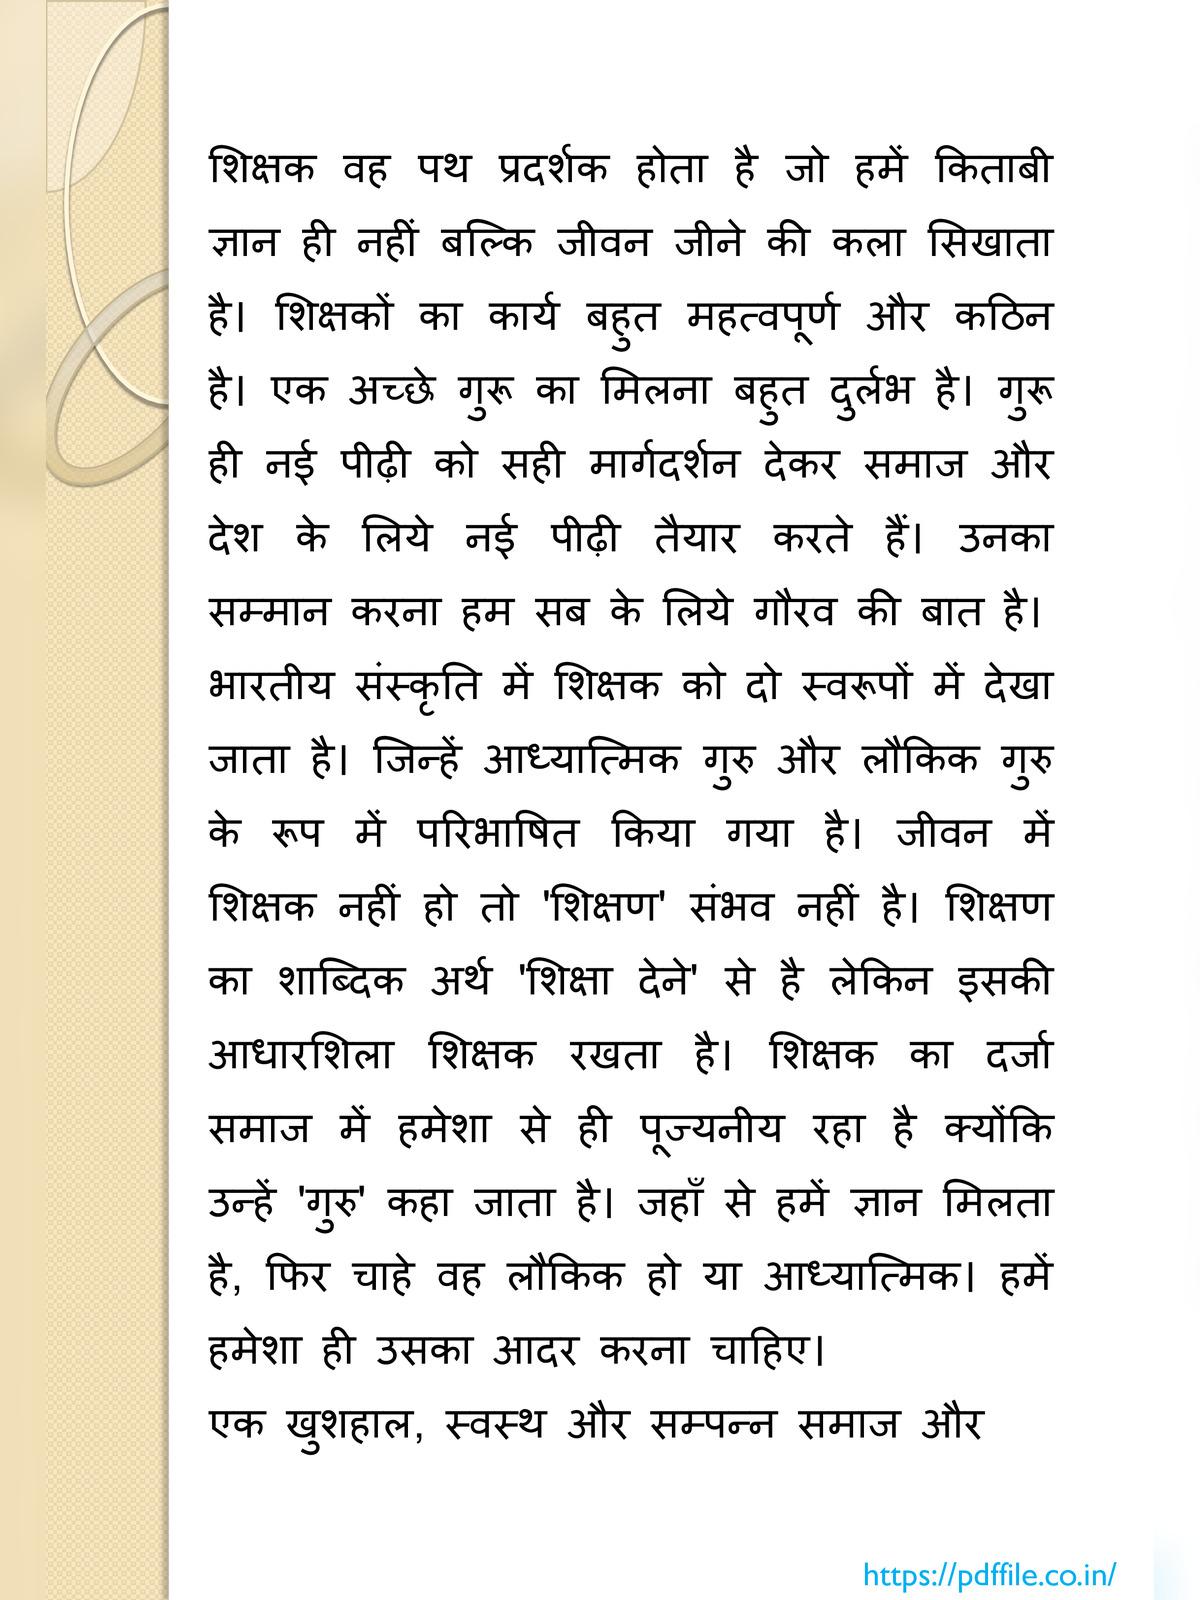 शिक्षक की भूमिका | Shikshak Ki Bhumika pdf